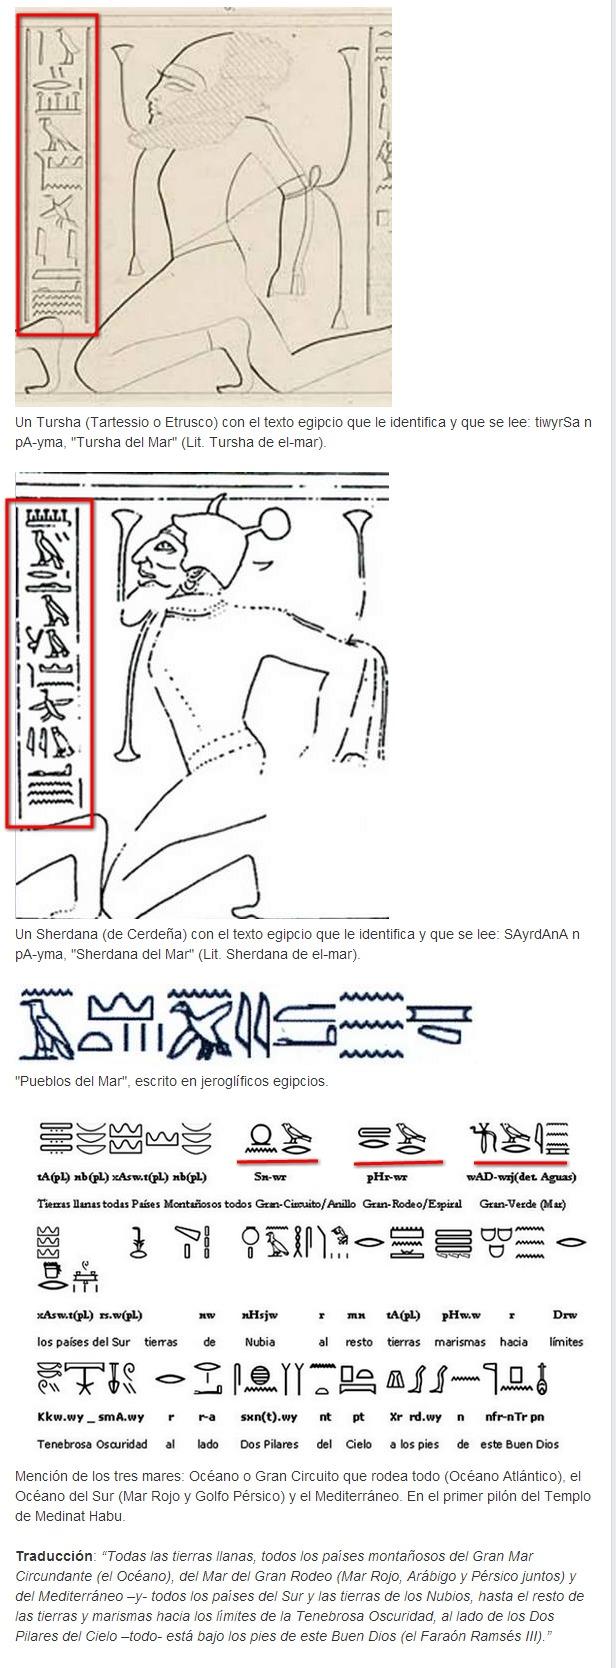 """Ejemplos de inscripciones donde se menciona el 'mar' junto a """"Pueblos del Mar"""" y en el Templo de Medinat Habu de Ramsés III, donde también se menciona el mar y el océano."""